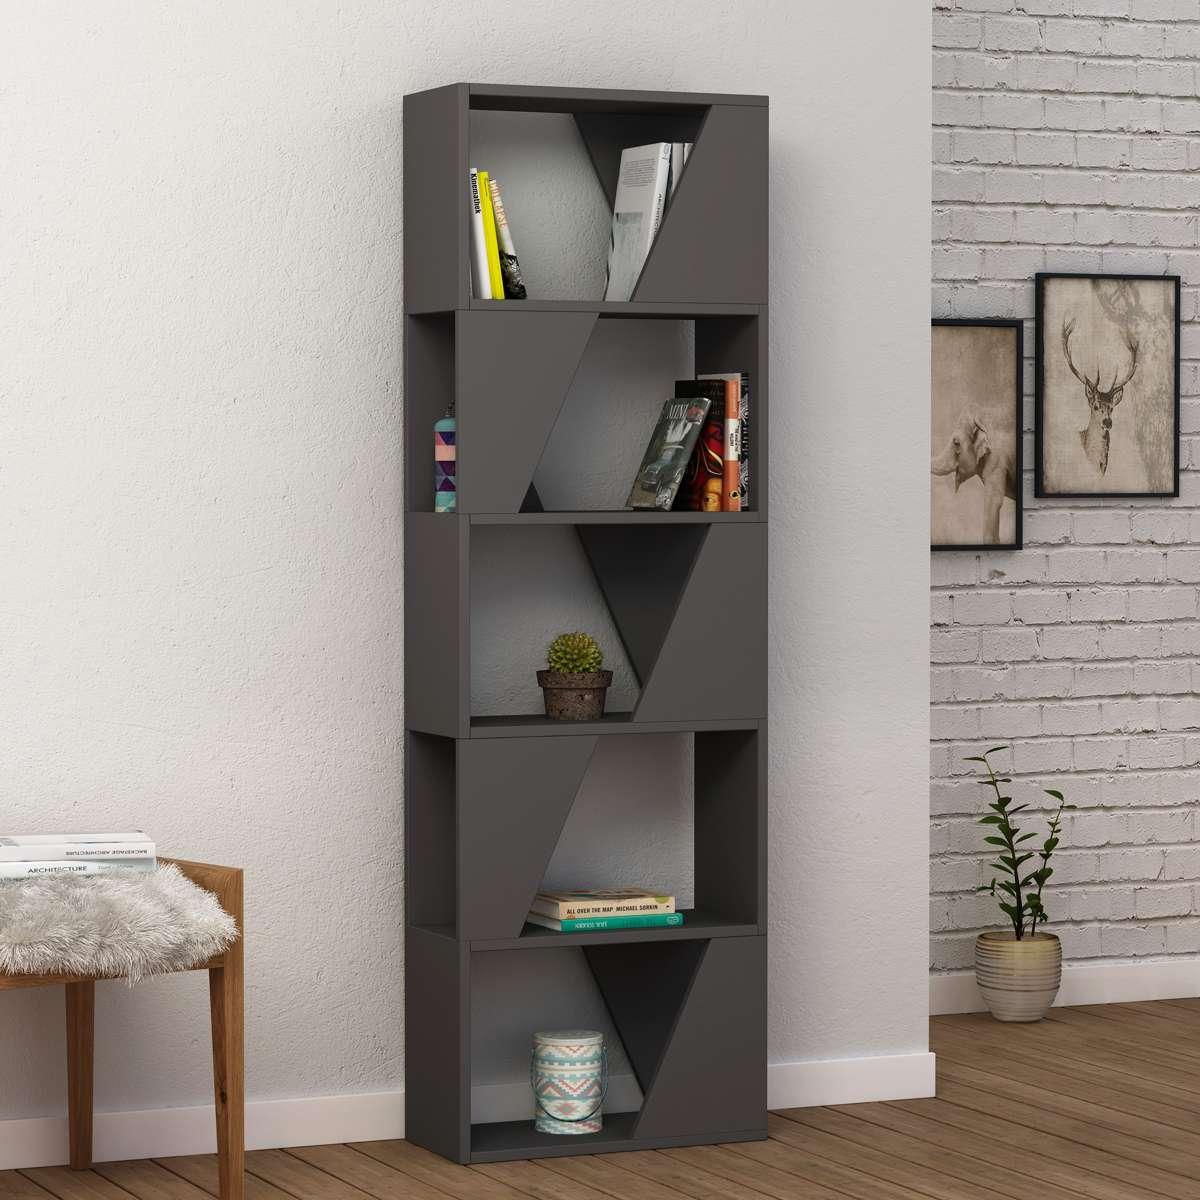 כוננית Frame Bookcase אפור מסדרת Decoline